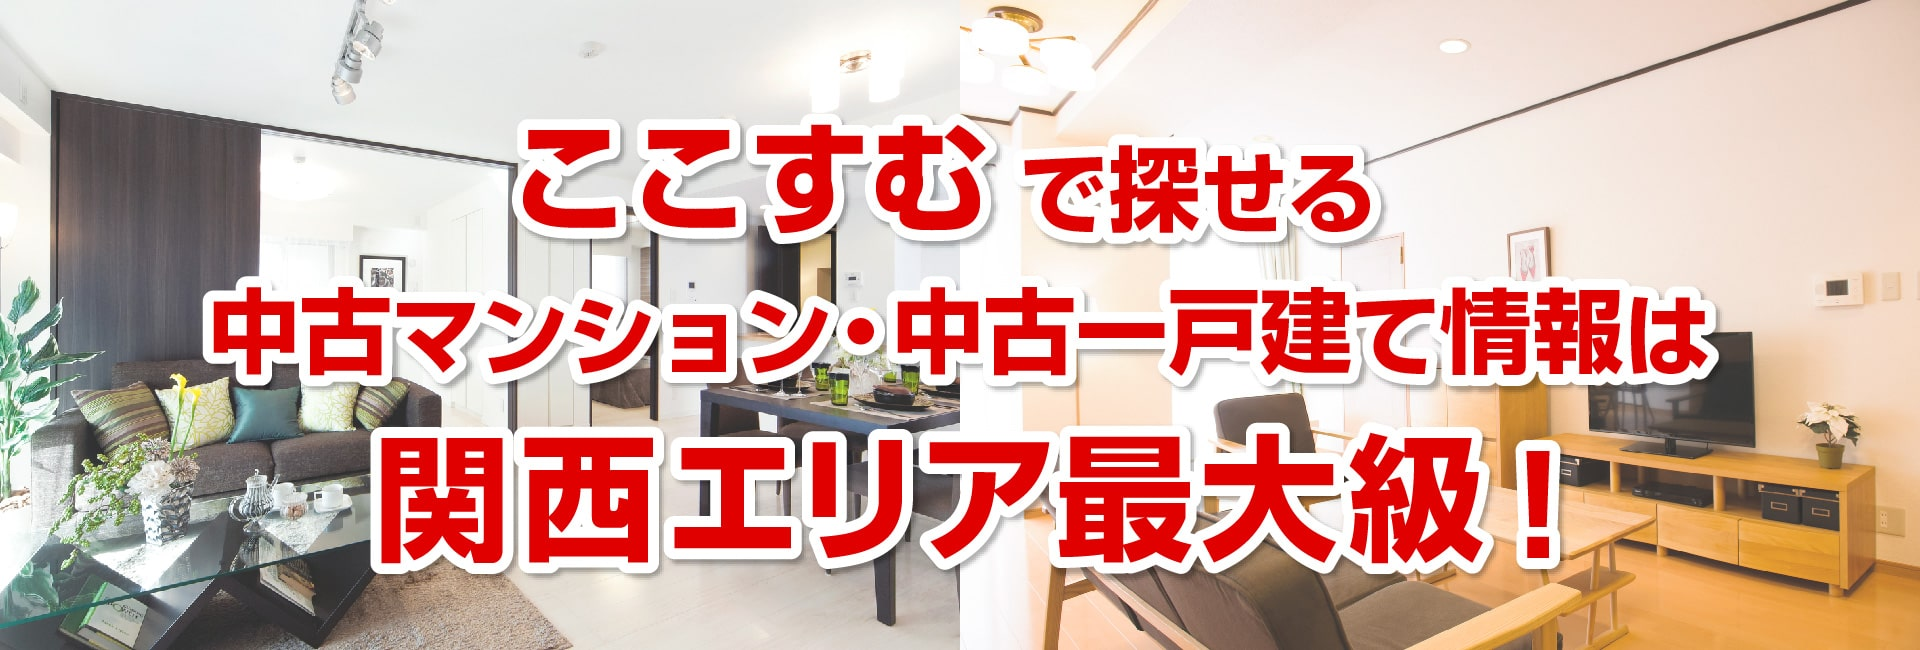 ここすむで探せる中古マンション・中古一戸建て情報は関西エリア最大級!